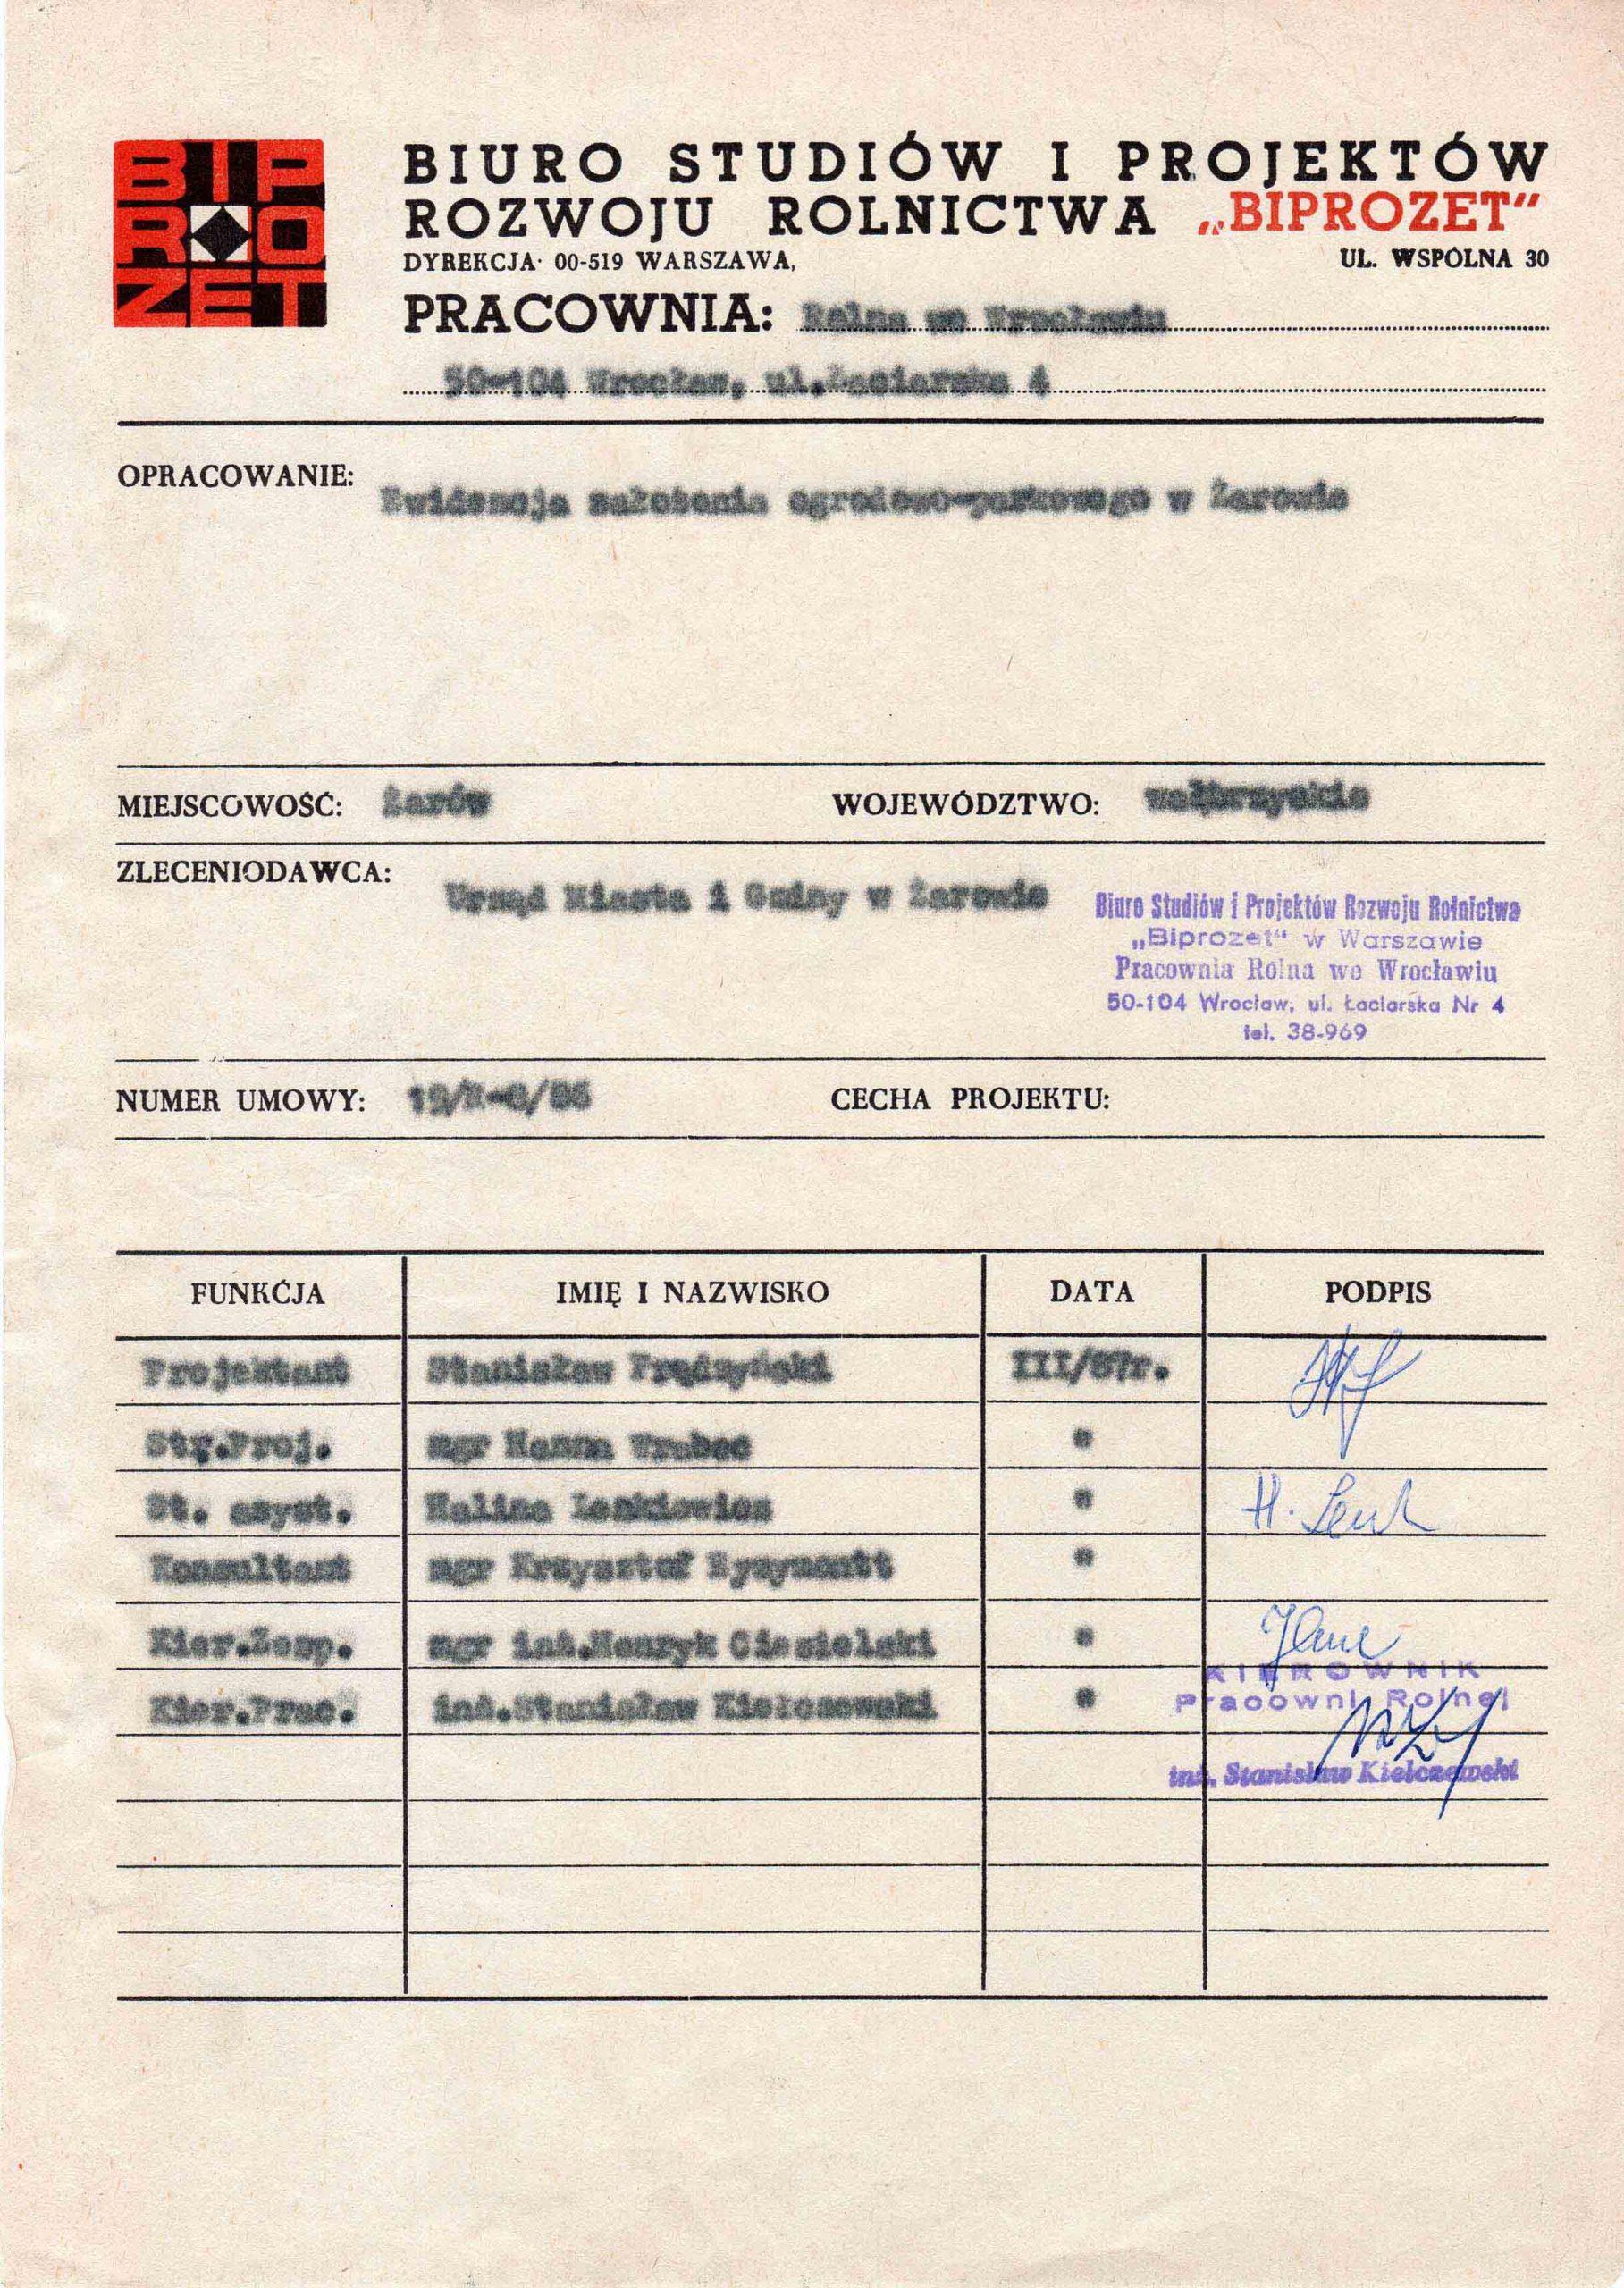 Ewidencja założenia ogrodowo-parkowego 1987 dokument (2)